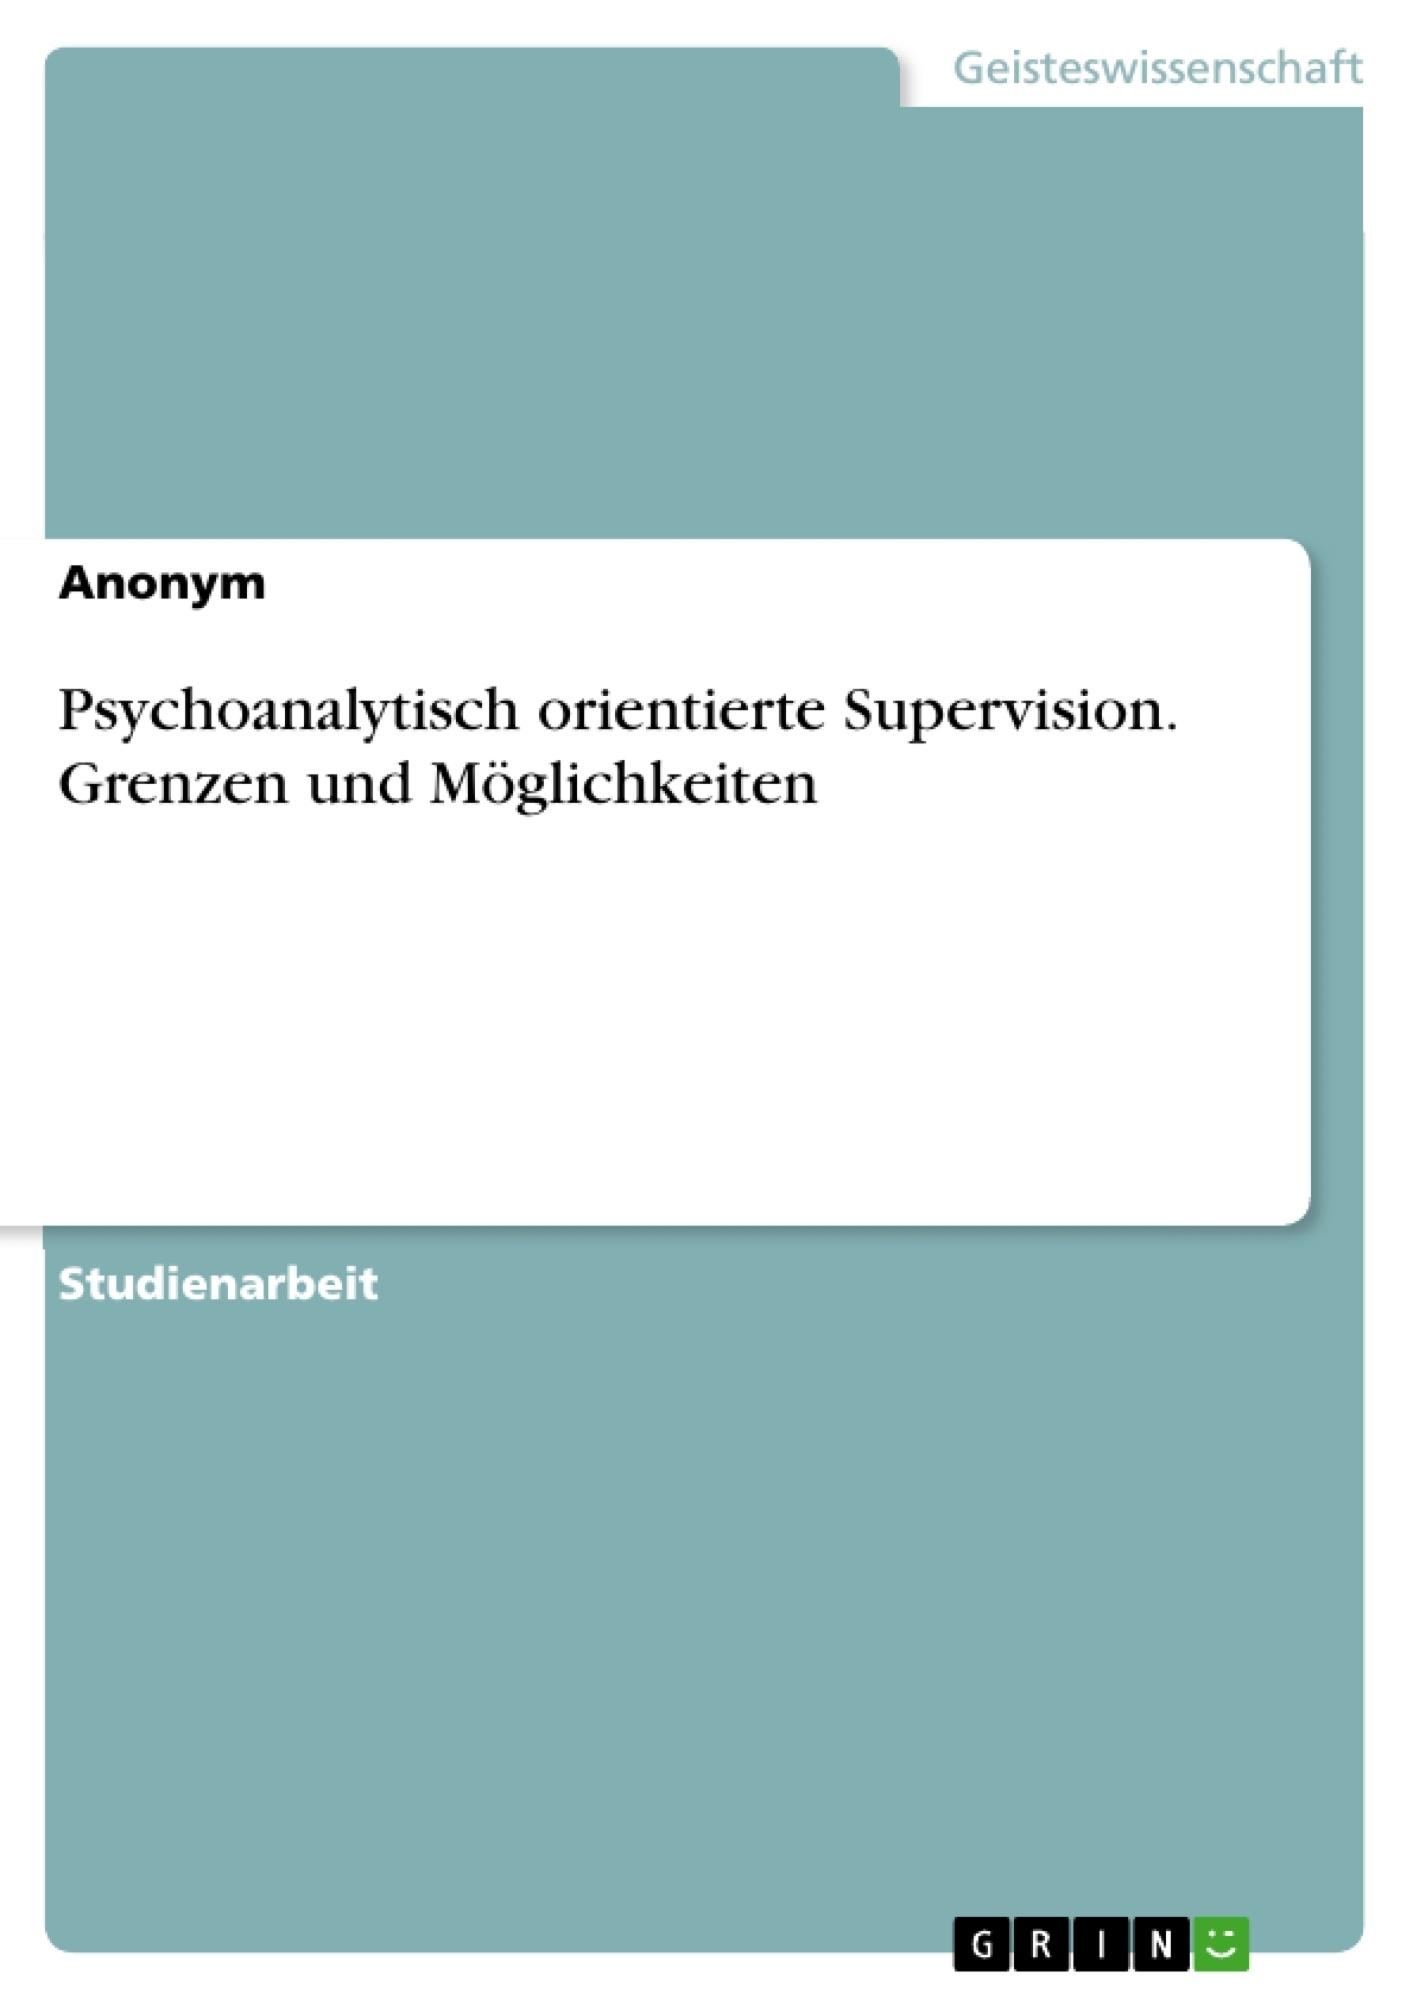 Titel: Psychoanalytisch orientierte Supervision. Grenzen und Möglichkeiten